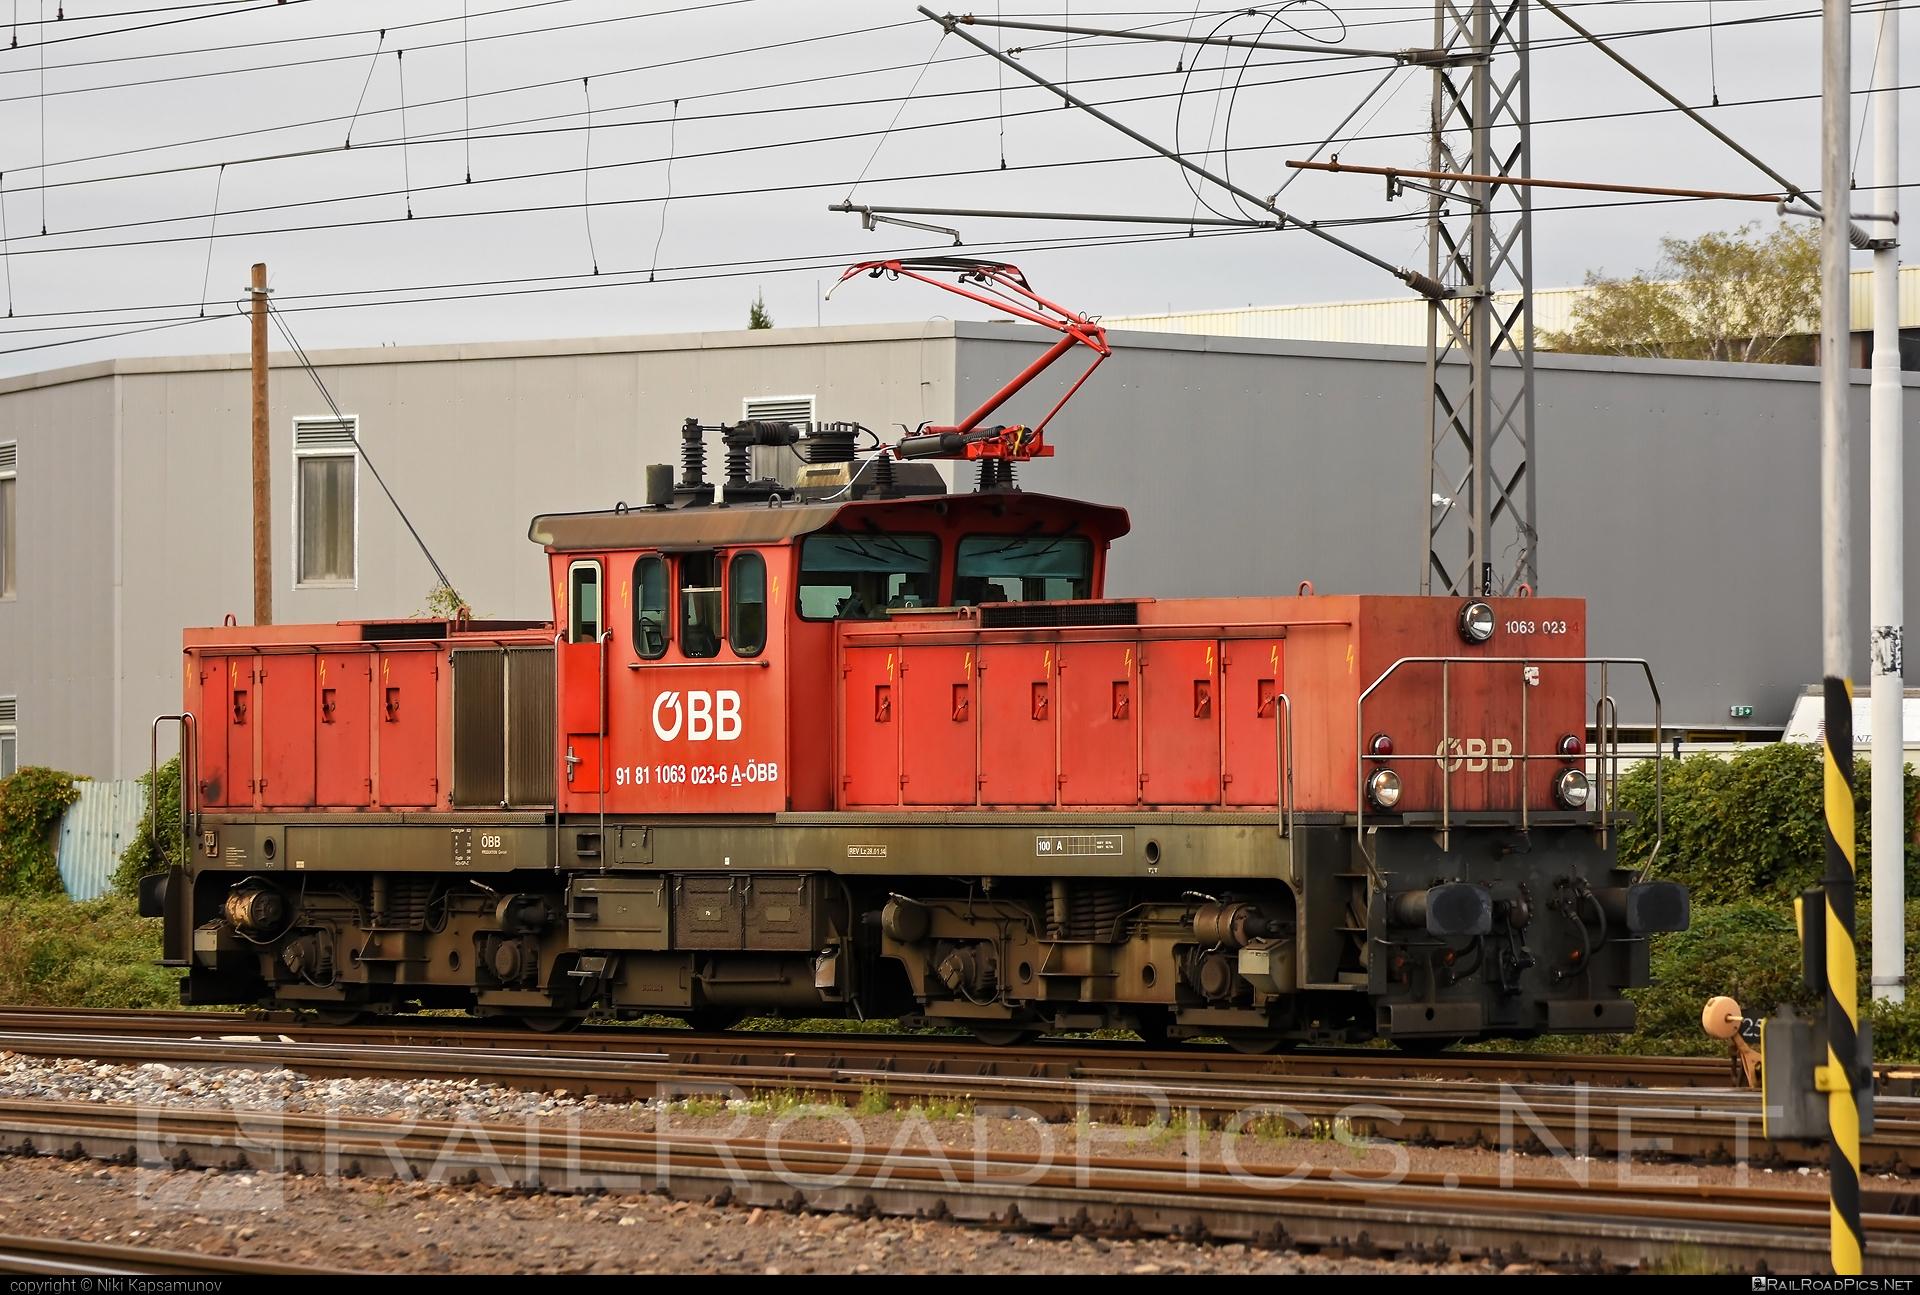 SGP ÖBB Class 1063 - 1063 023 operated by Rail Cargo Austria AG #obb #obb1063 #obbclass1063 #osterreichischebundesbahnen #sgp #sgp1063 #simmeringgrazpauker